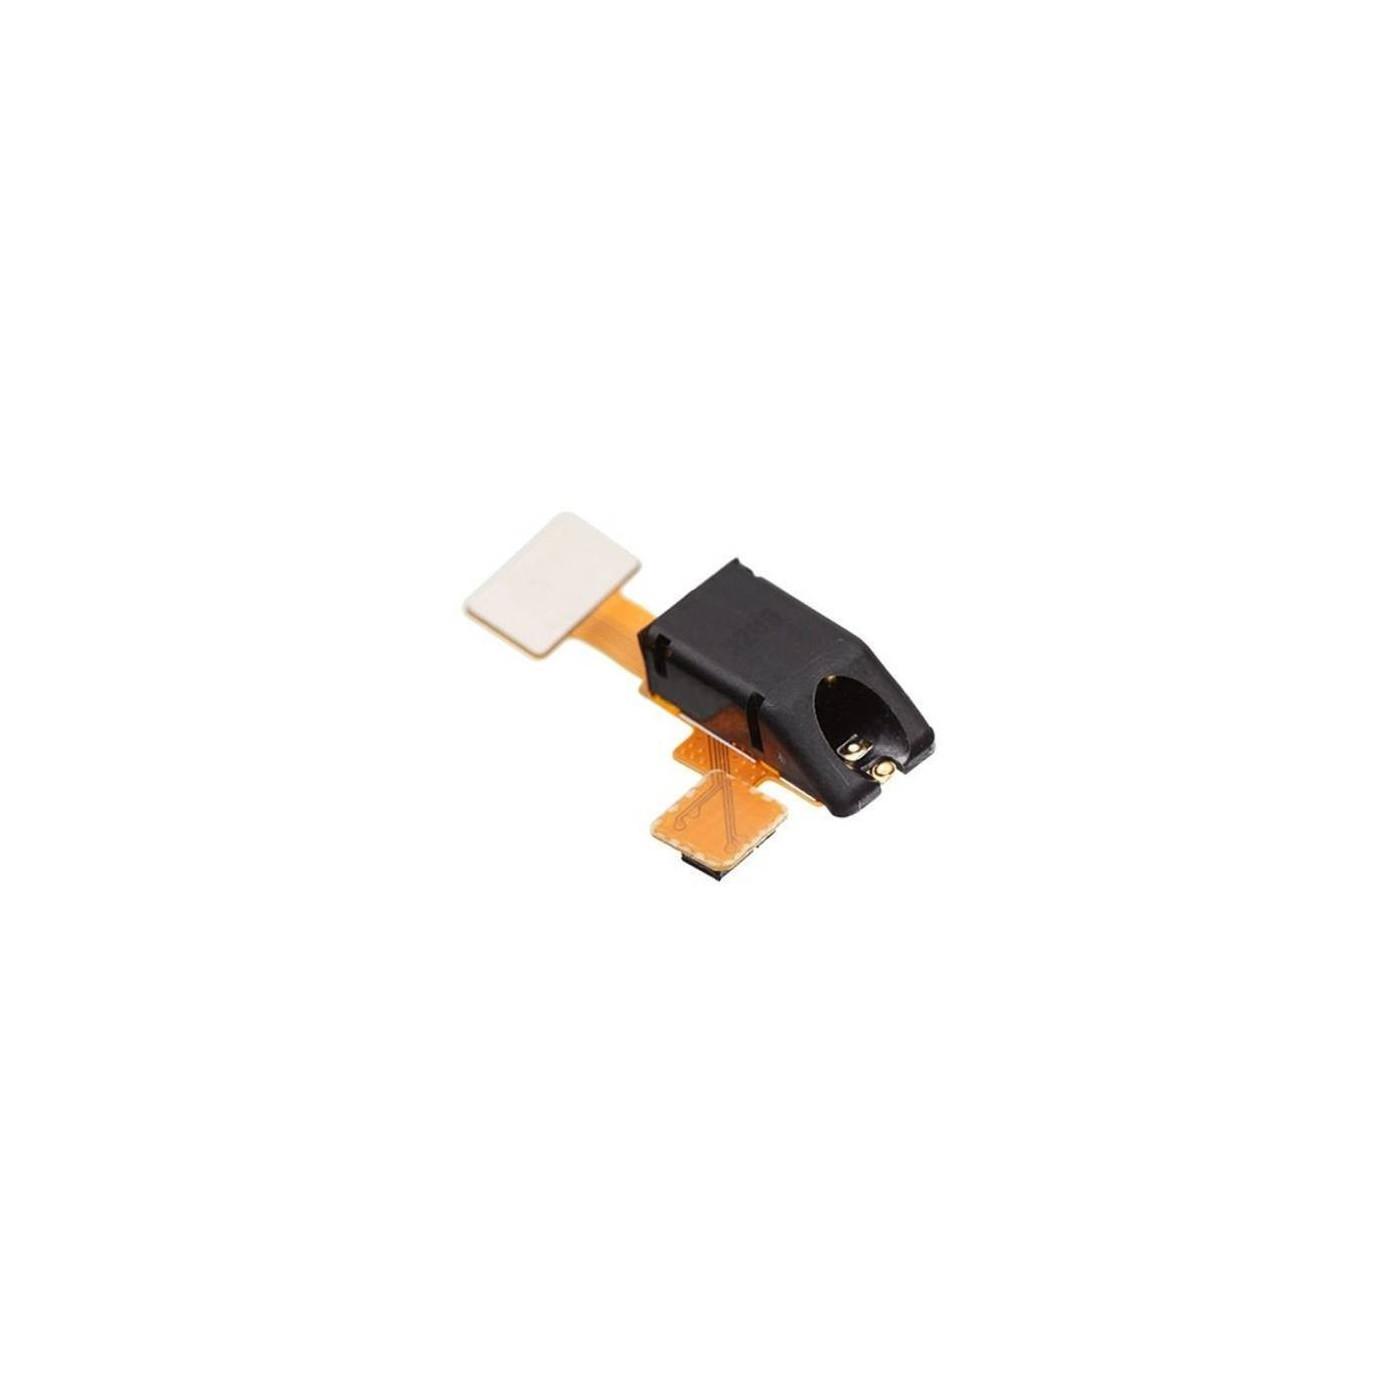 Prise casque + capteur de proximité pour Google Nexus 4 E960F Flat sonnerie audio sonnerie